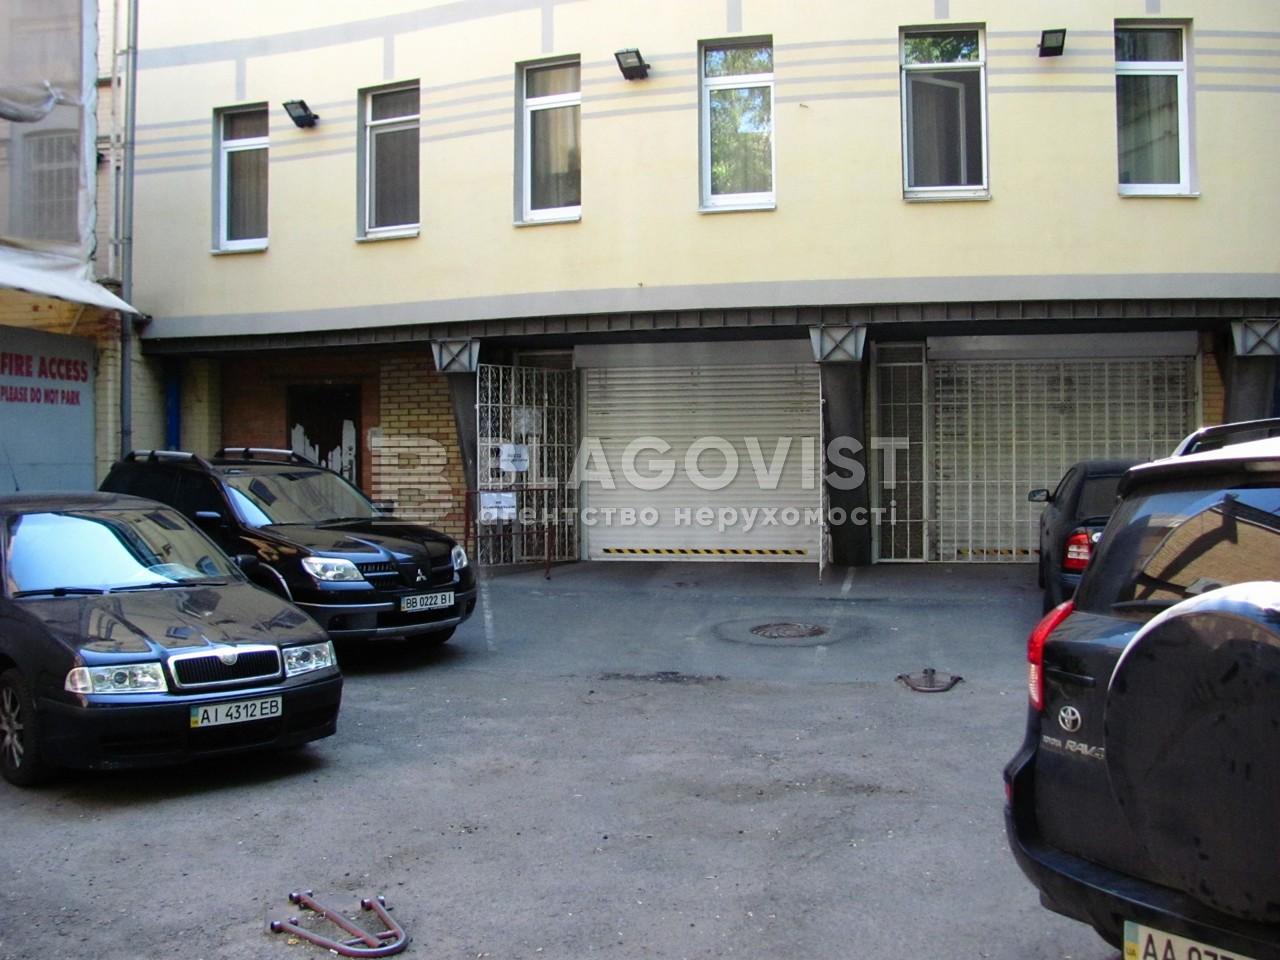 Нежитлове приміщення, H-36958, Нижній Вал, Київ - Фото 3